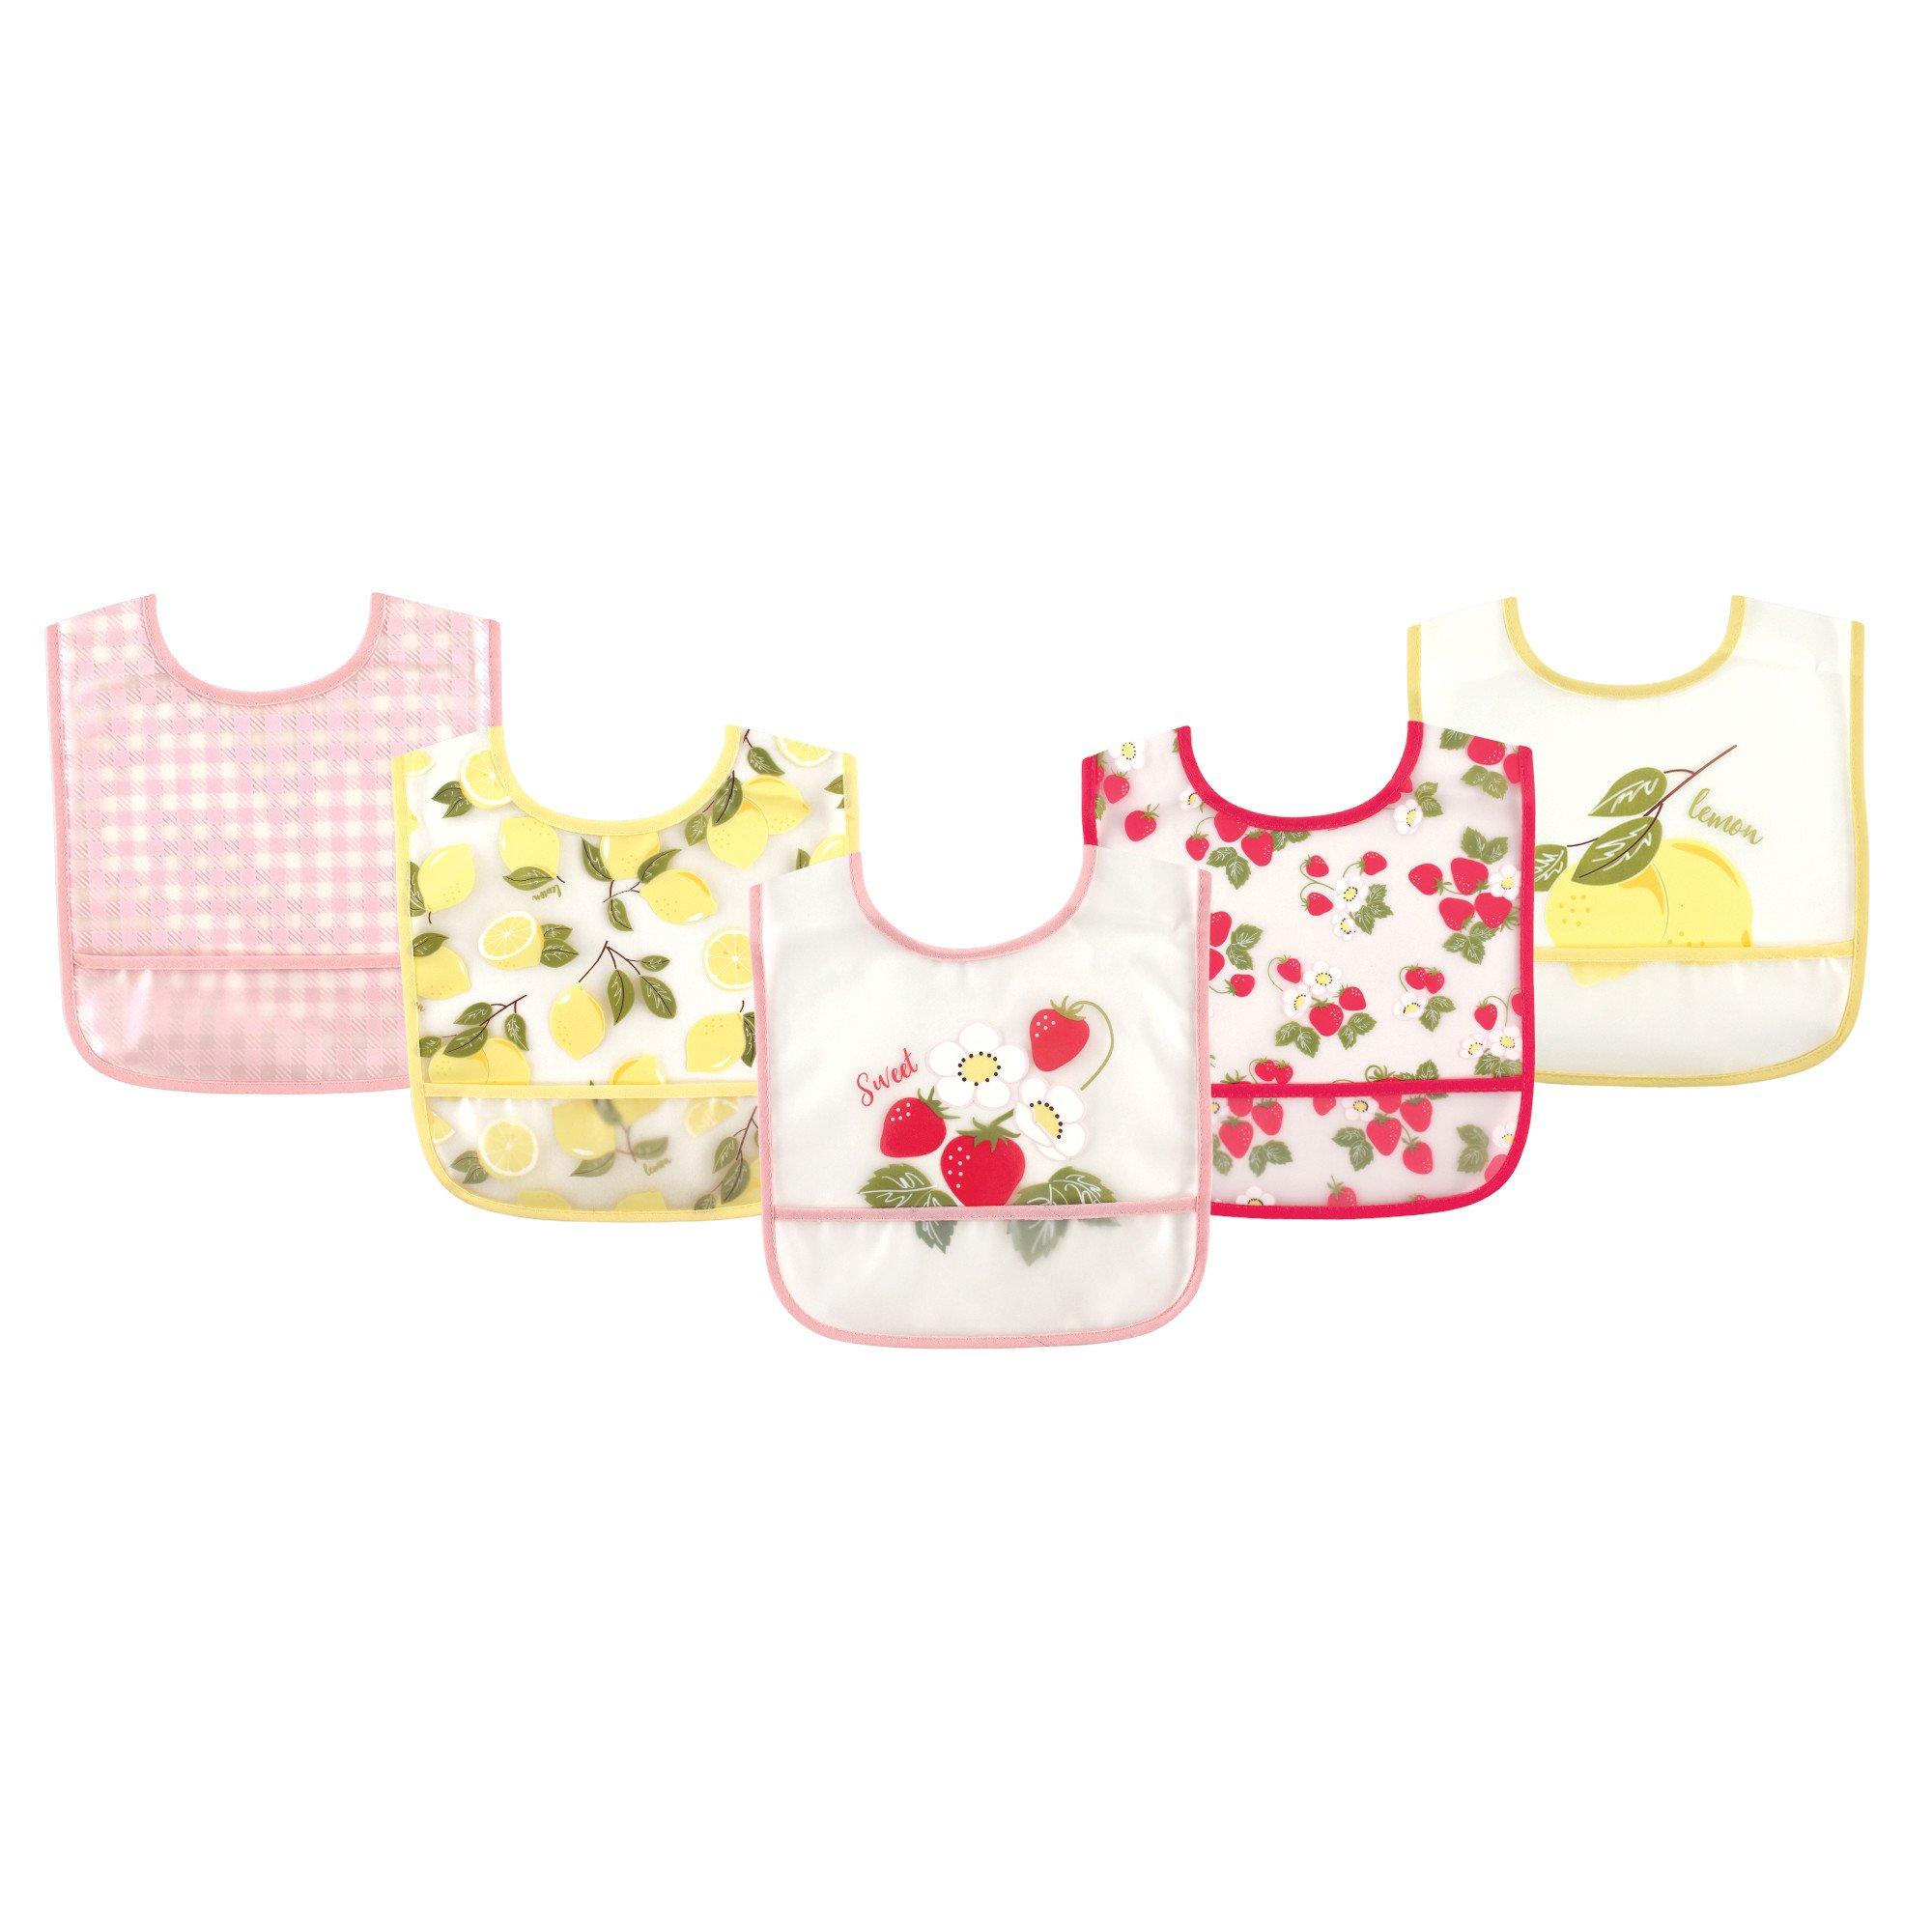 cfd91fa8 Amazon.com: Hudson Baby Girls' 5-Pack Waterproof PEVA Bib, Strawberries:  Baby